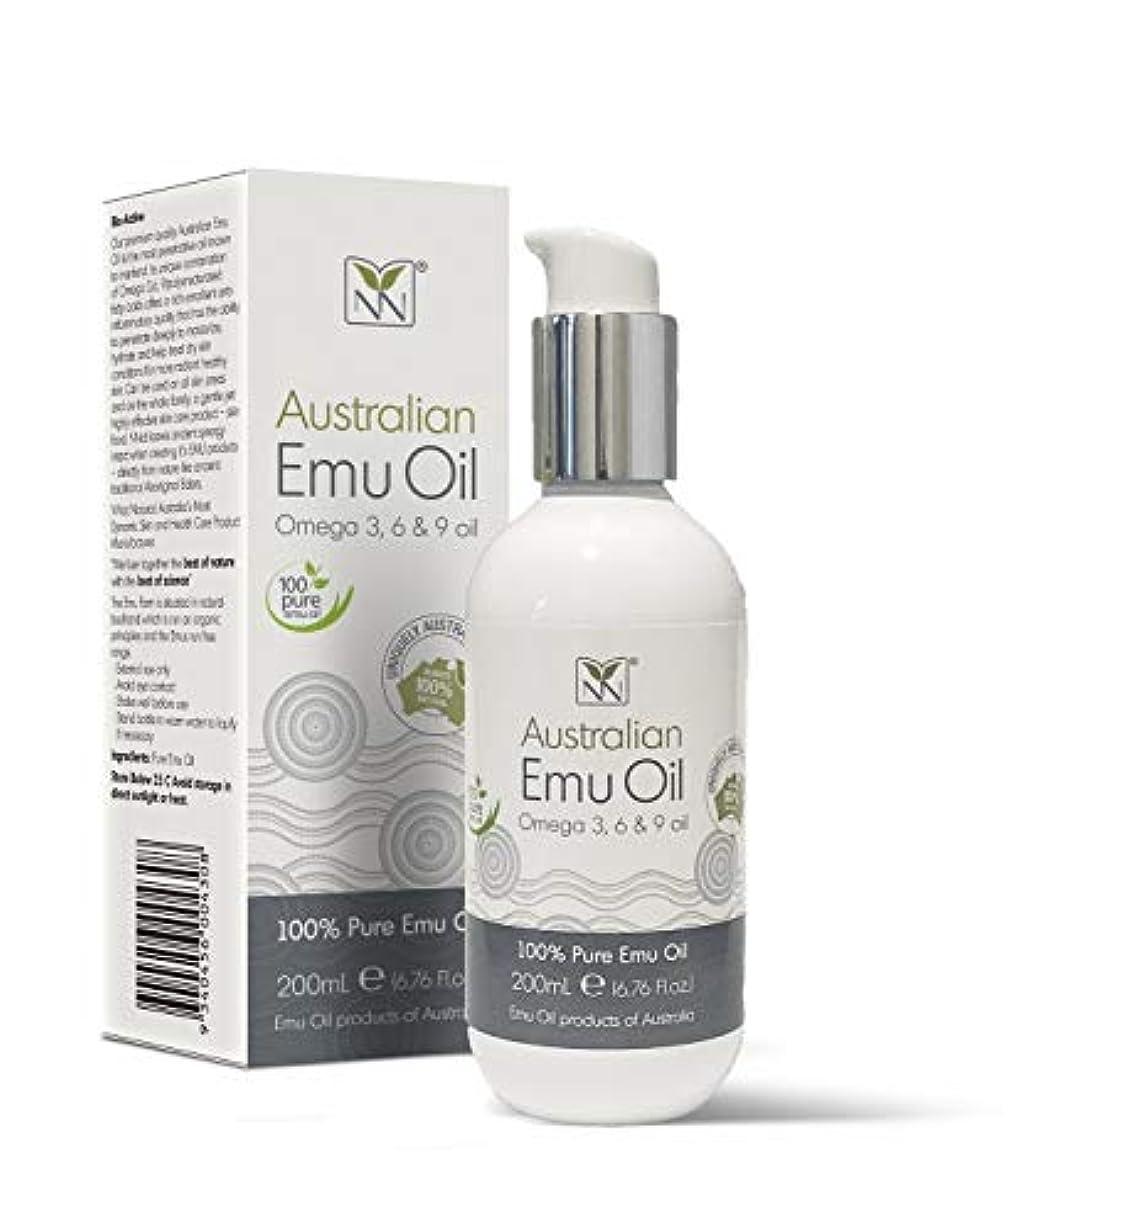 信頼性トラブル裏切りY Not Natural エミューオイル EMU OIL 無添加100% 保湿性 浸透性 抜群 プレミアム品質 エミュー油 (200 ml)